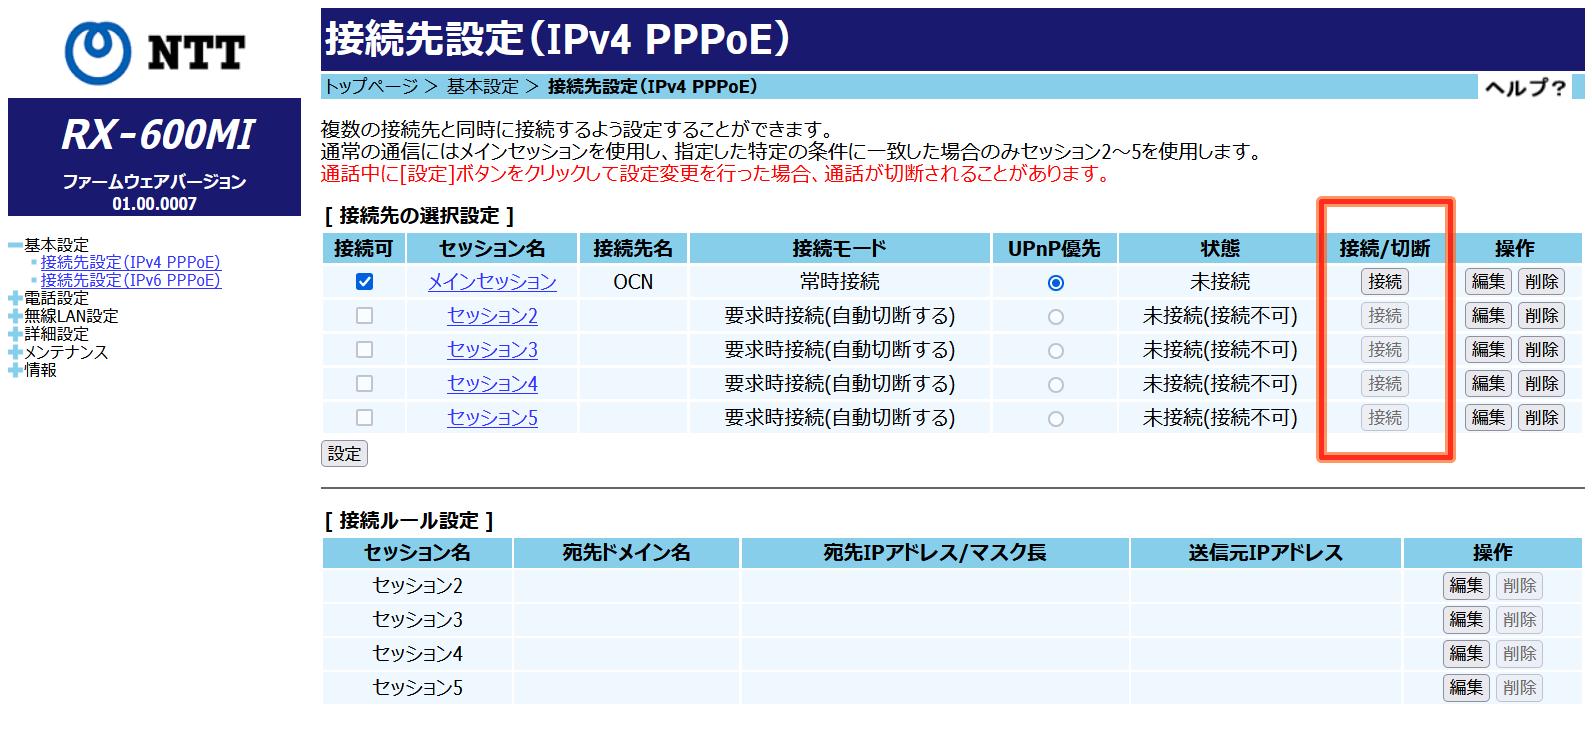 RX-600MI_PPPoE (1)